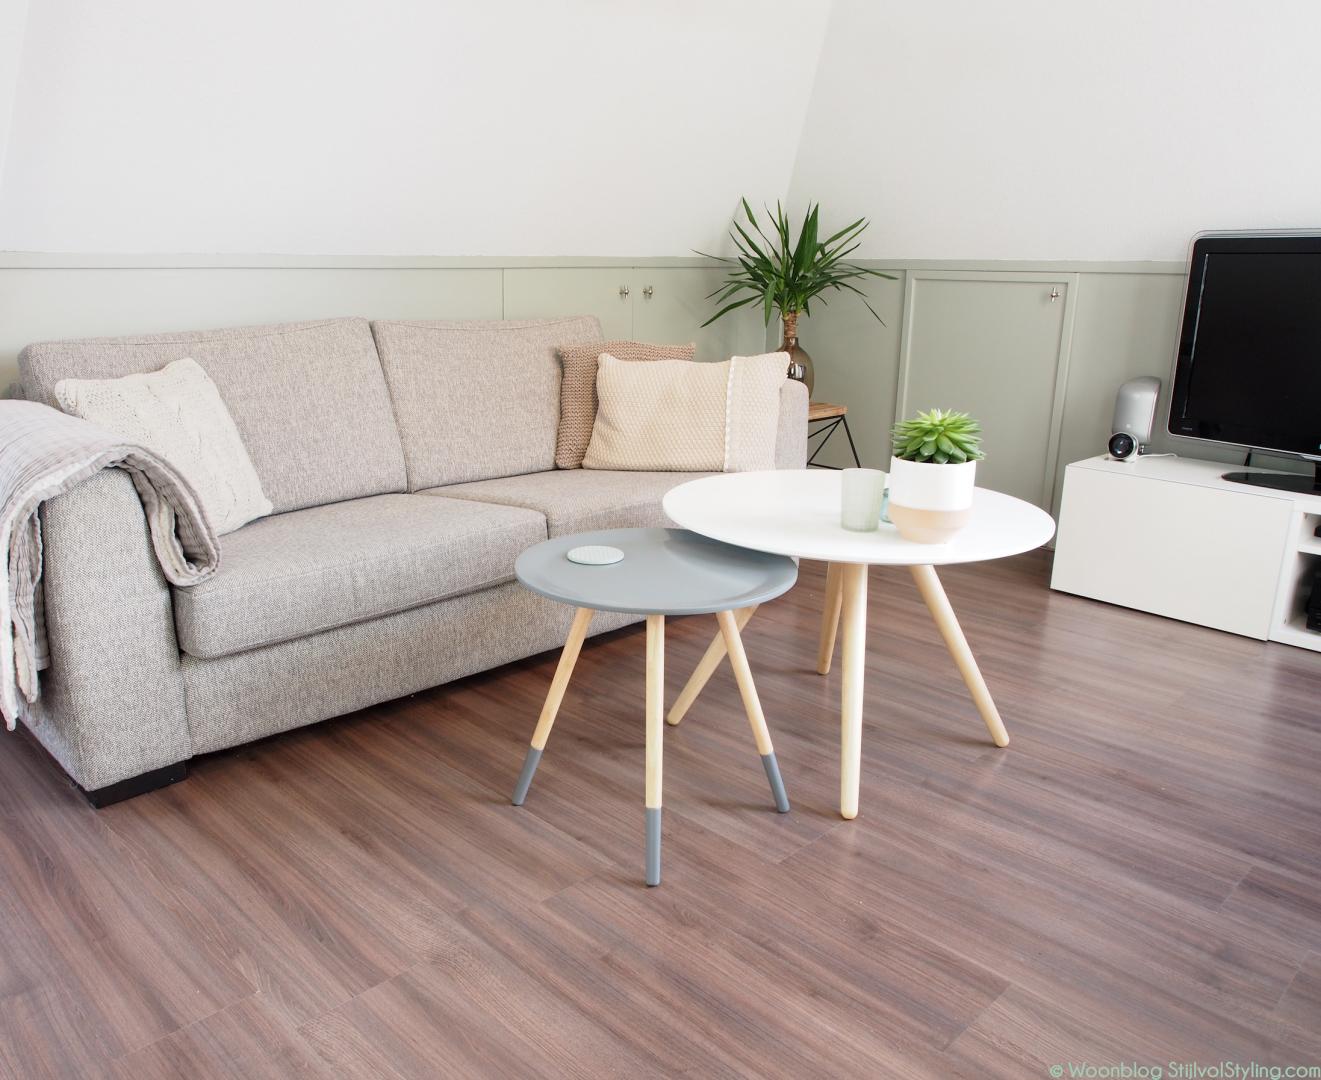 Interieur | Tips voor het kiezen van een houten vloer - © Woonblog StijlvolStyling.com